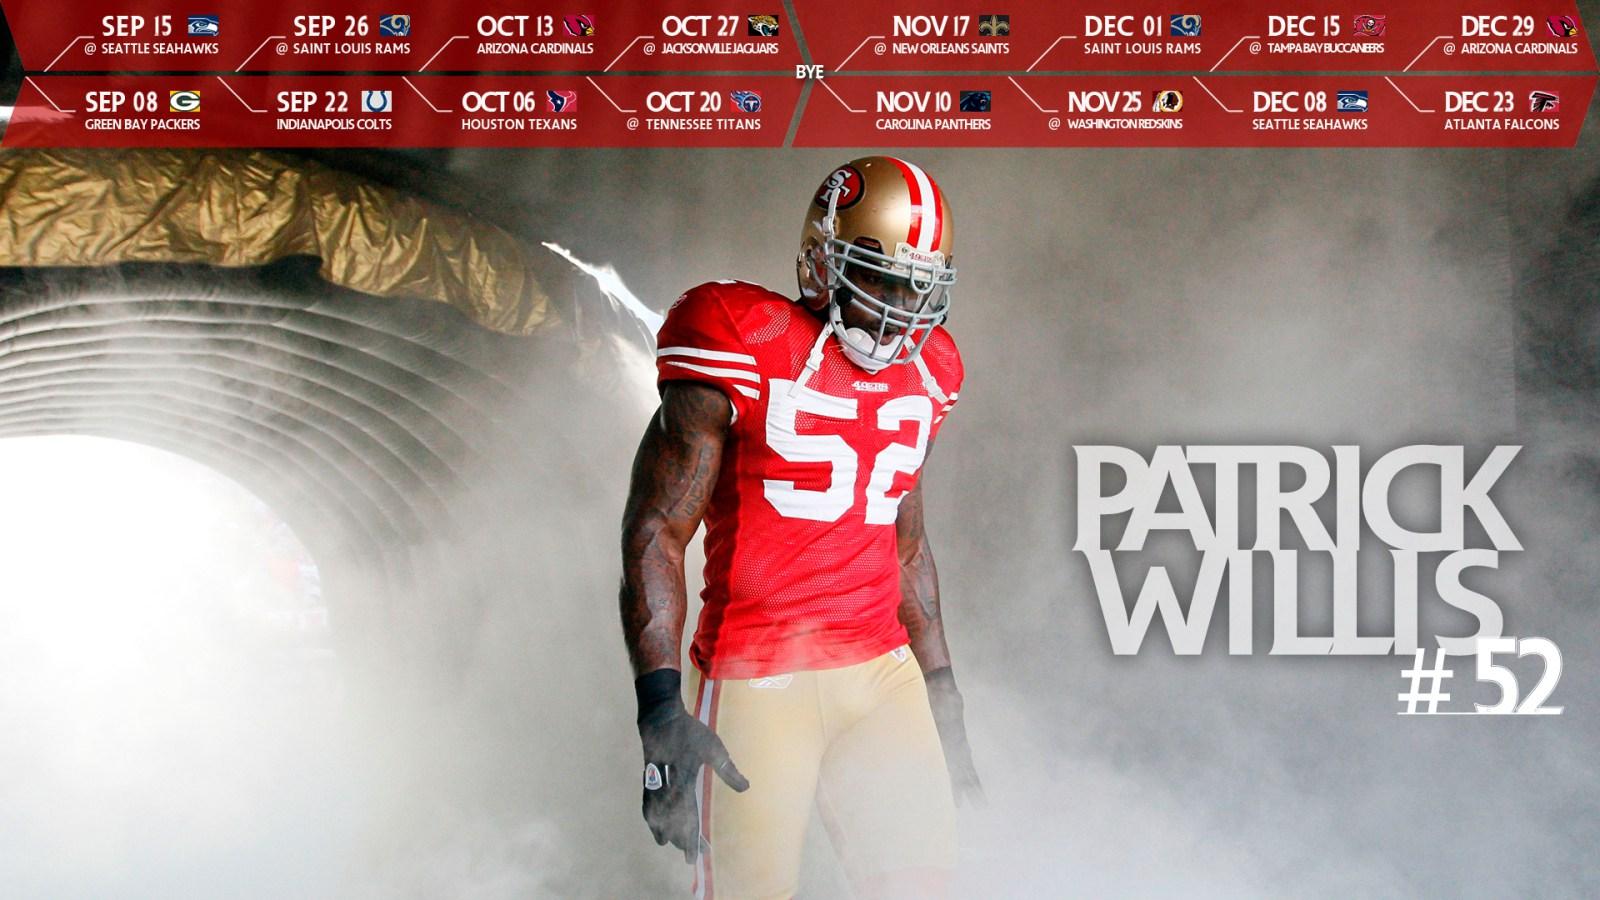 49 49ers schedule wallpaper on wallpapersafari - 2015 49ers schedule wallpaper ...